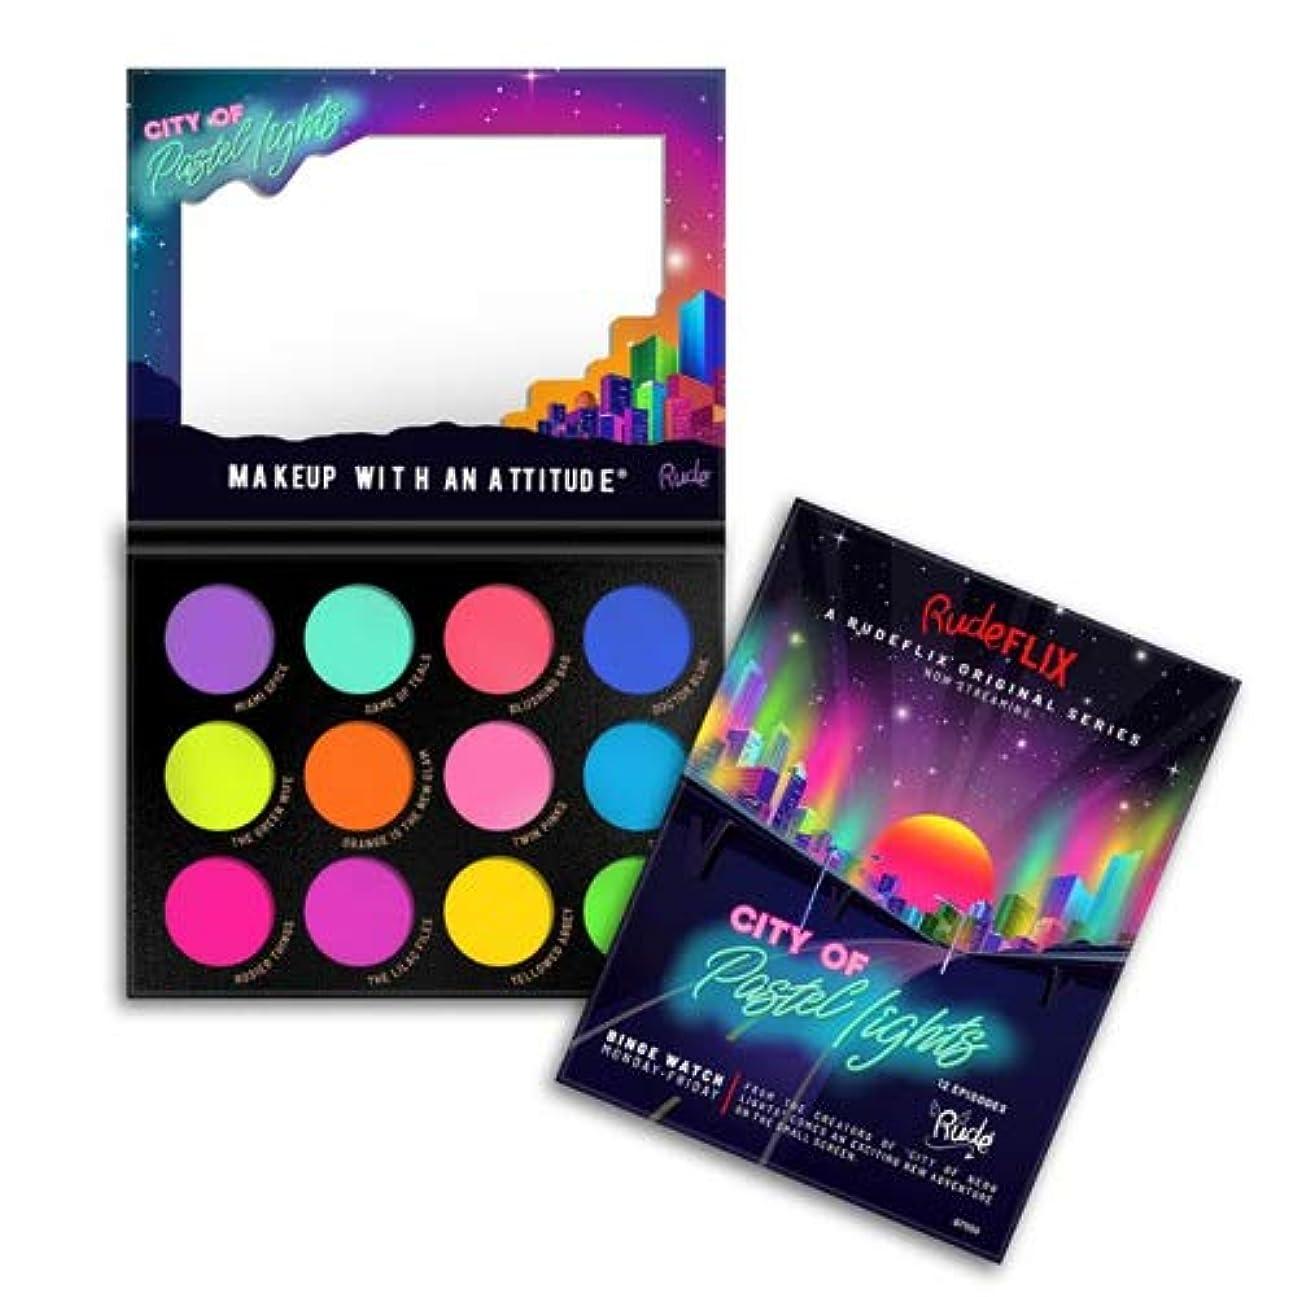 柔らかさ抑圧するエゴイズムRUDE City of Pastel Lights - 12 Pastel Pigment & Eyeshadow Palette (6 Pack) (並行輸入品)